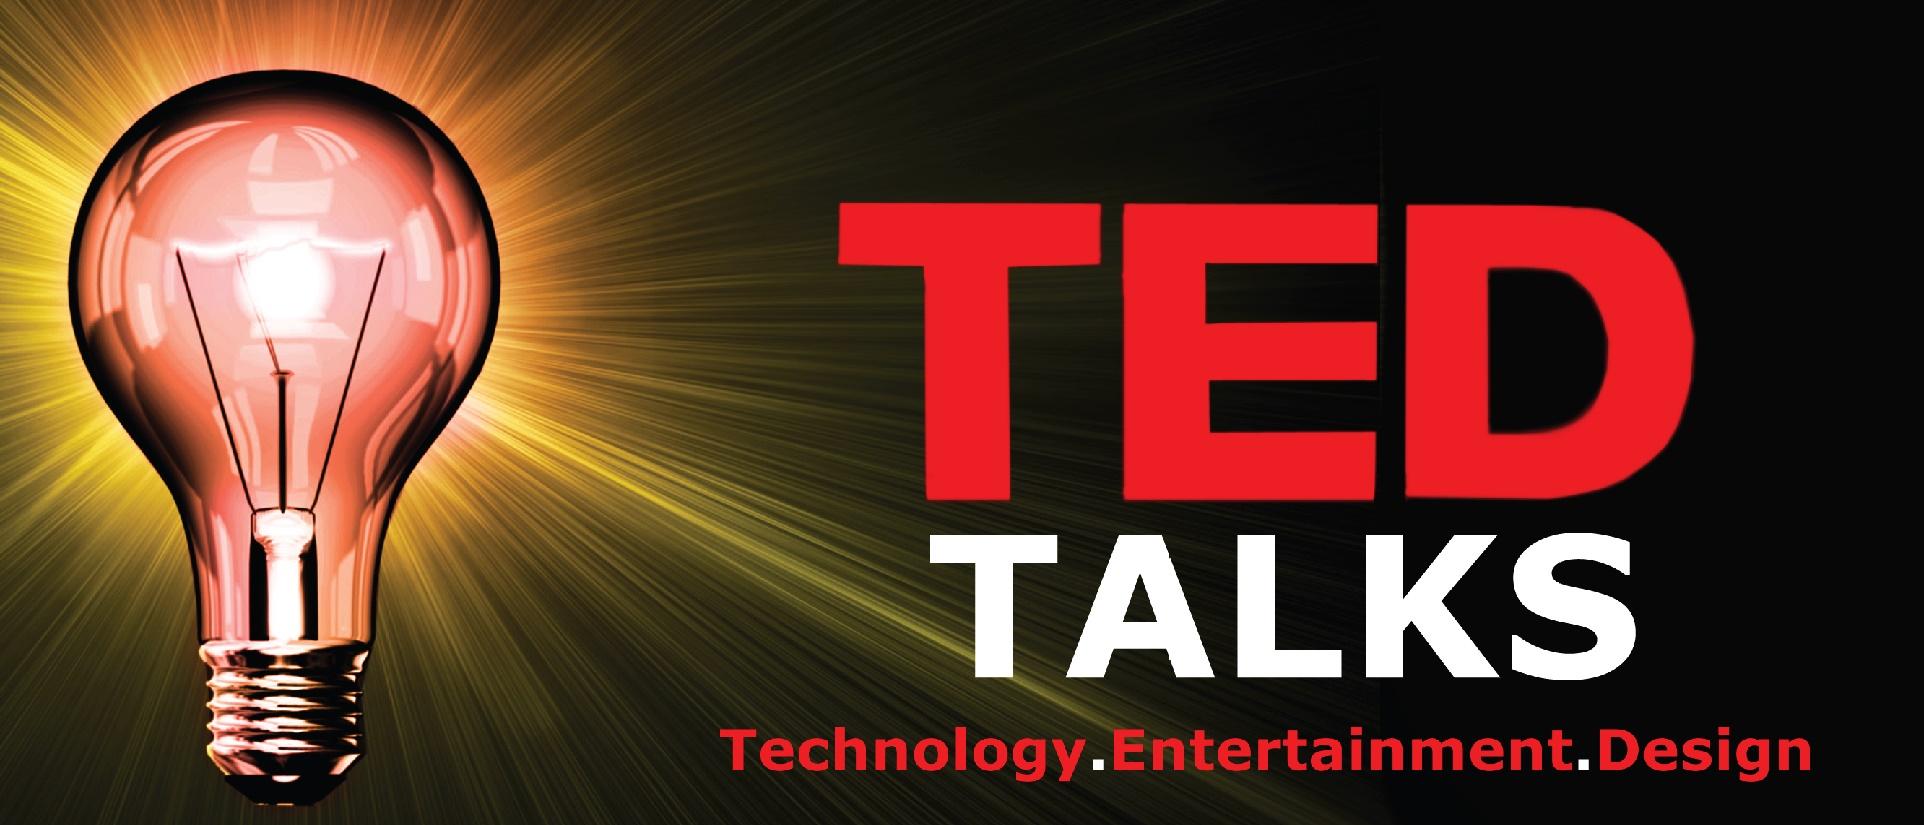 10 palestras do TED que podem mudar sua vida